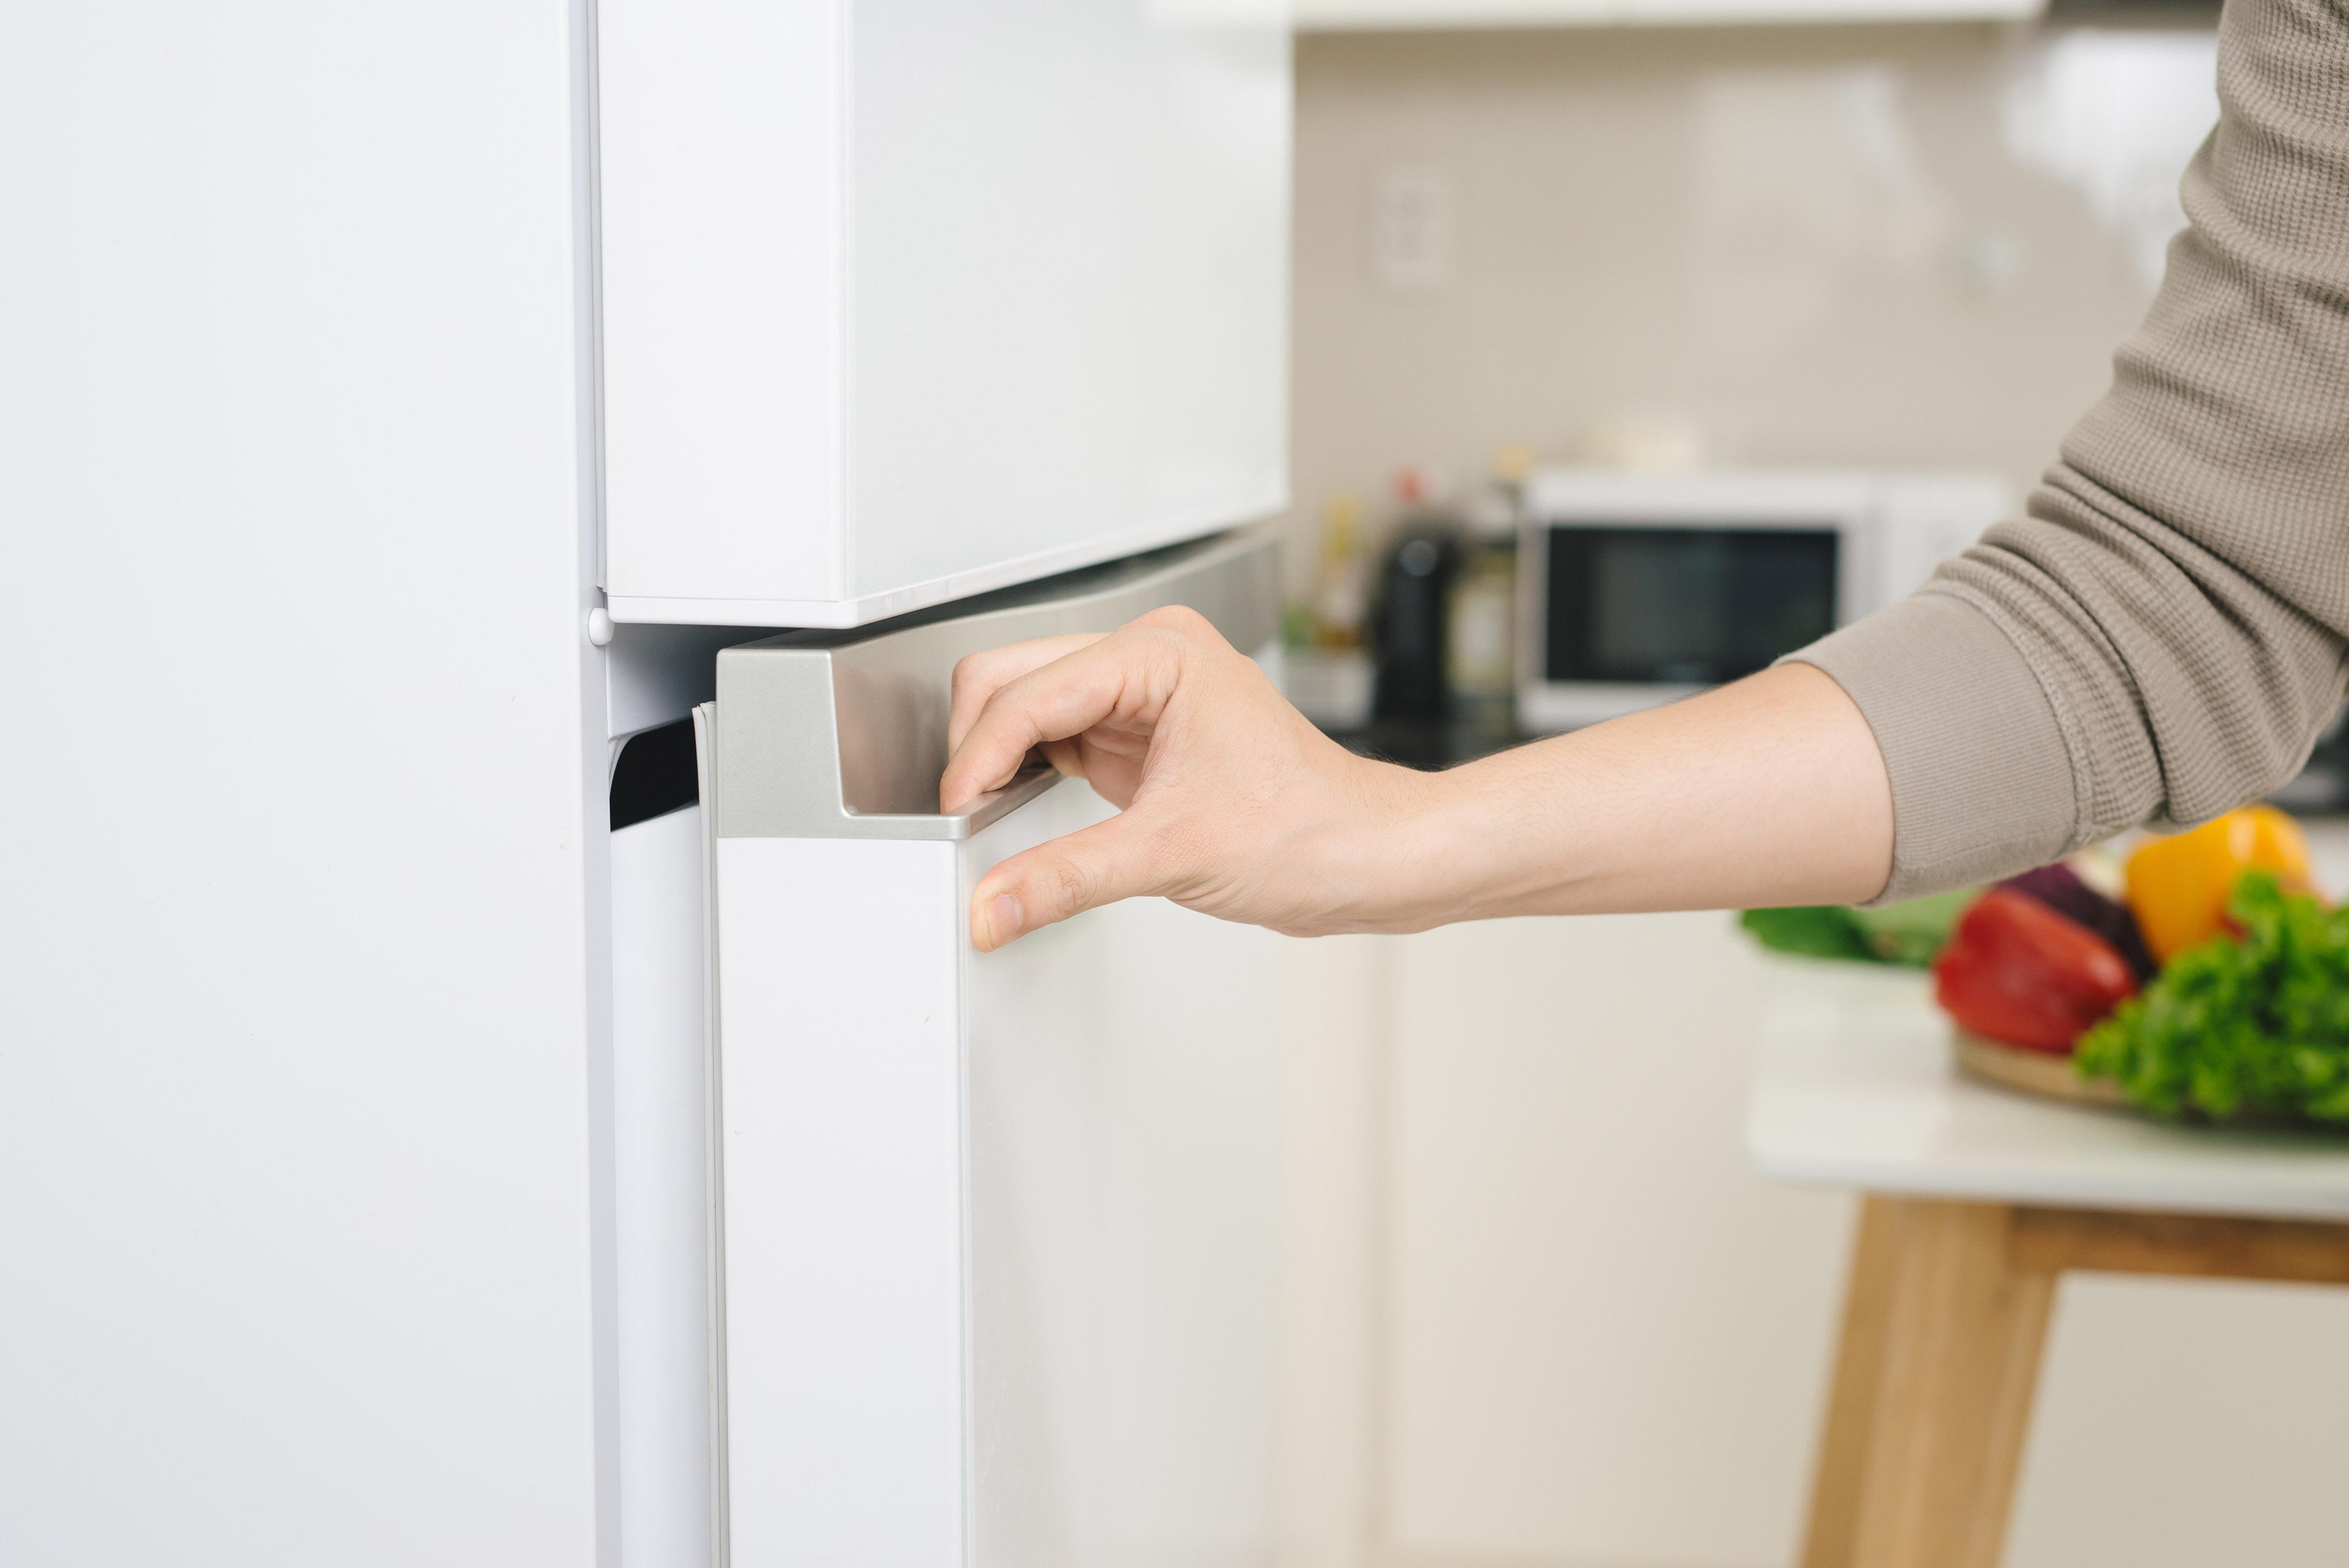 Mão masculina está abrindo a porta da geladeira branca - editado